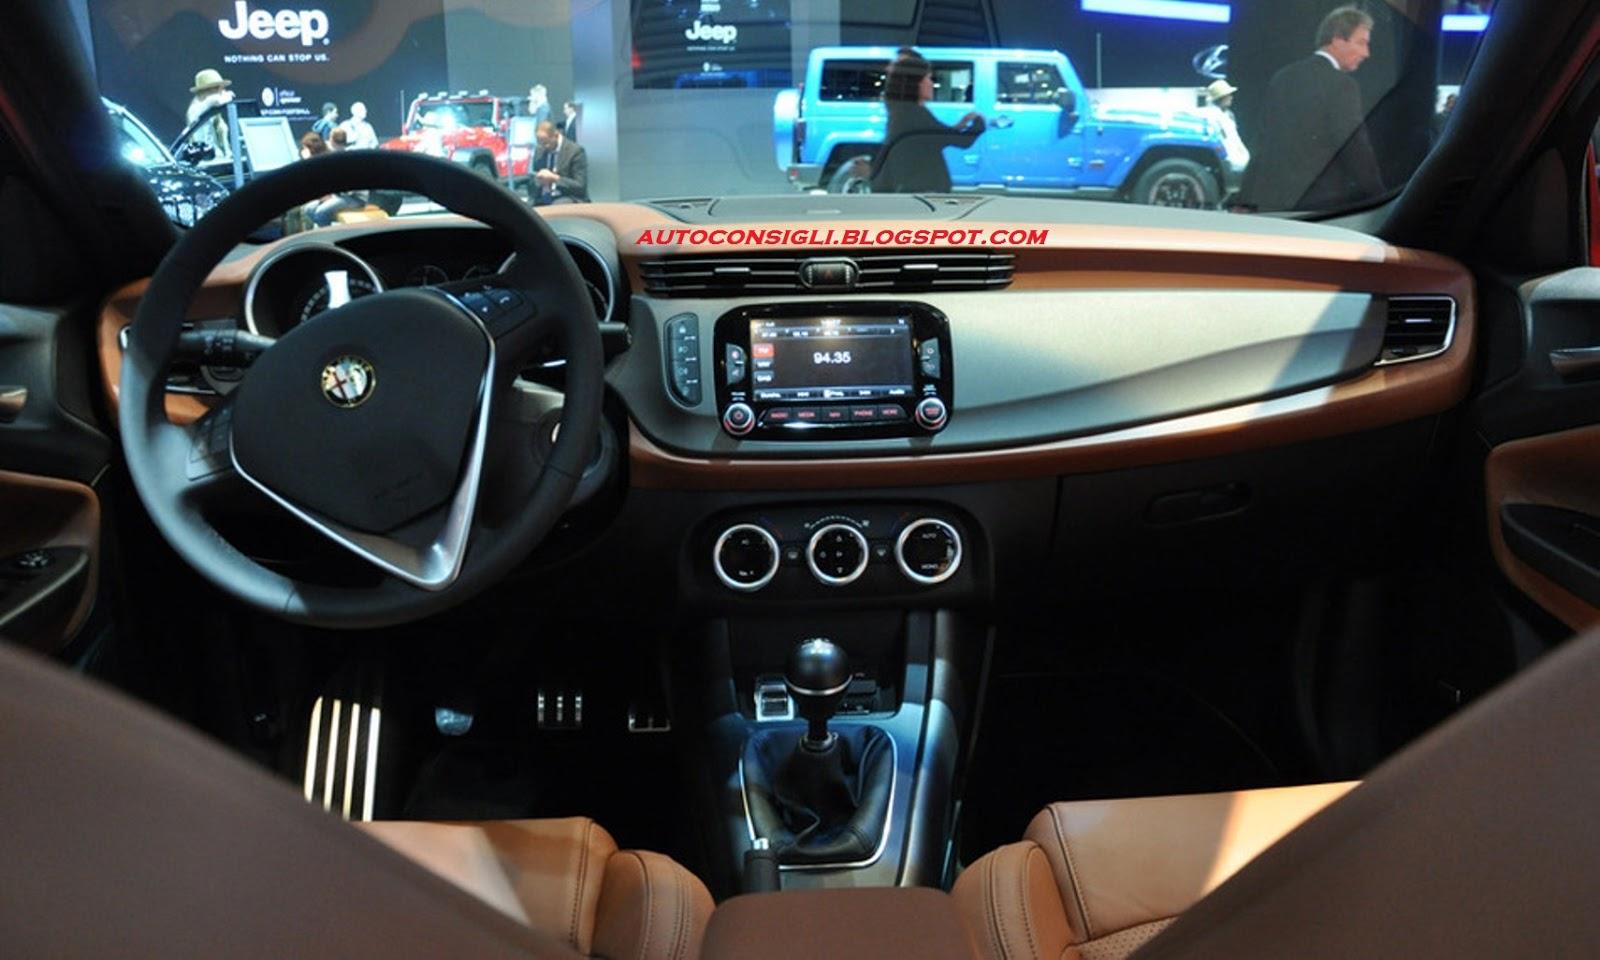 Car al Top: Alfa Romeo Giulietta Restyling 2014: Nuove immagini della